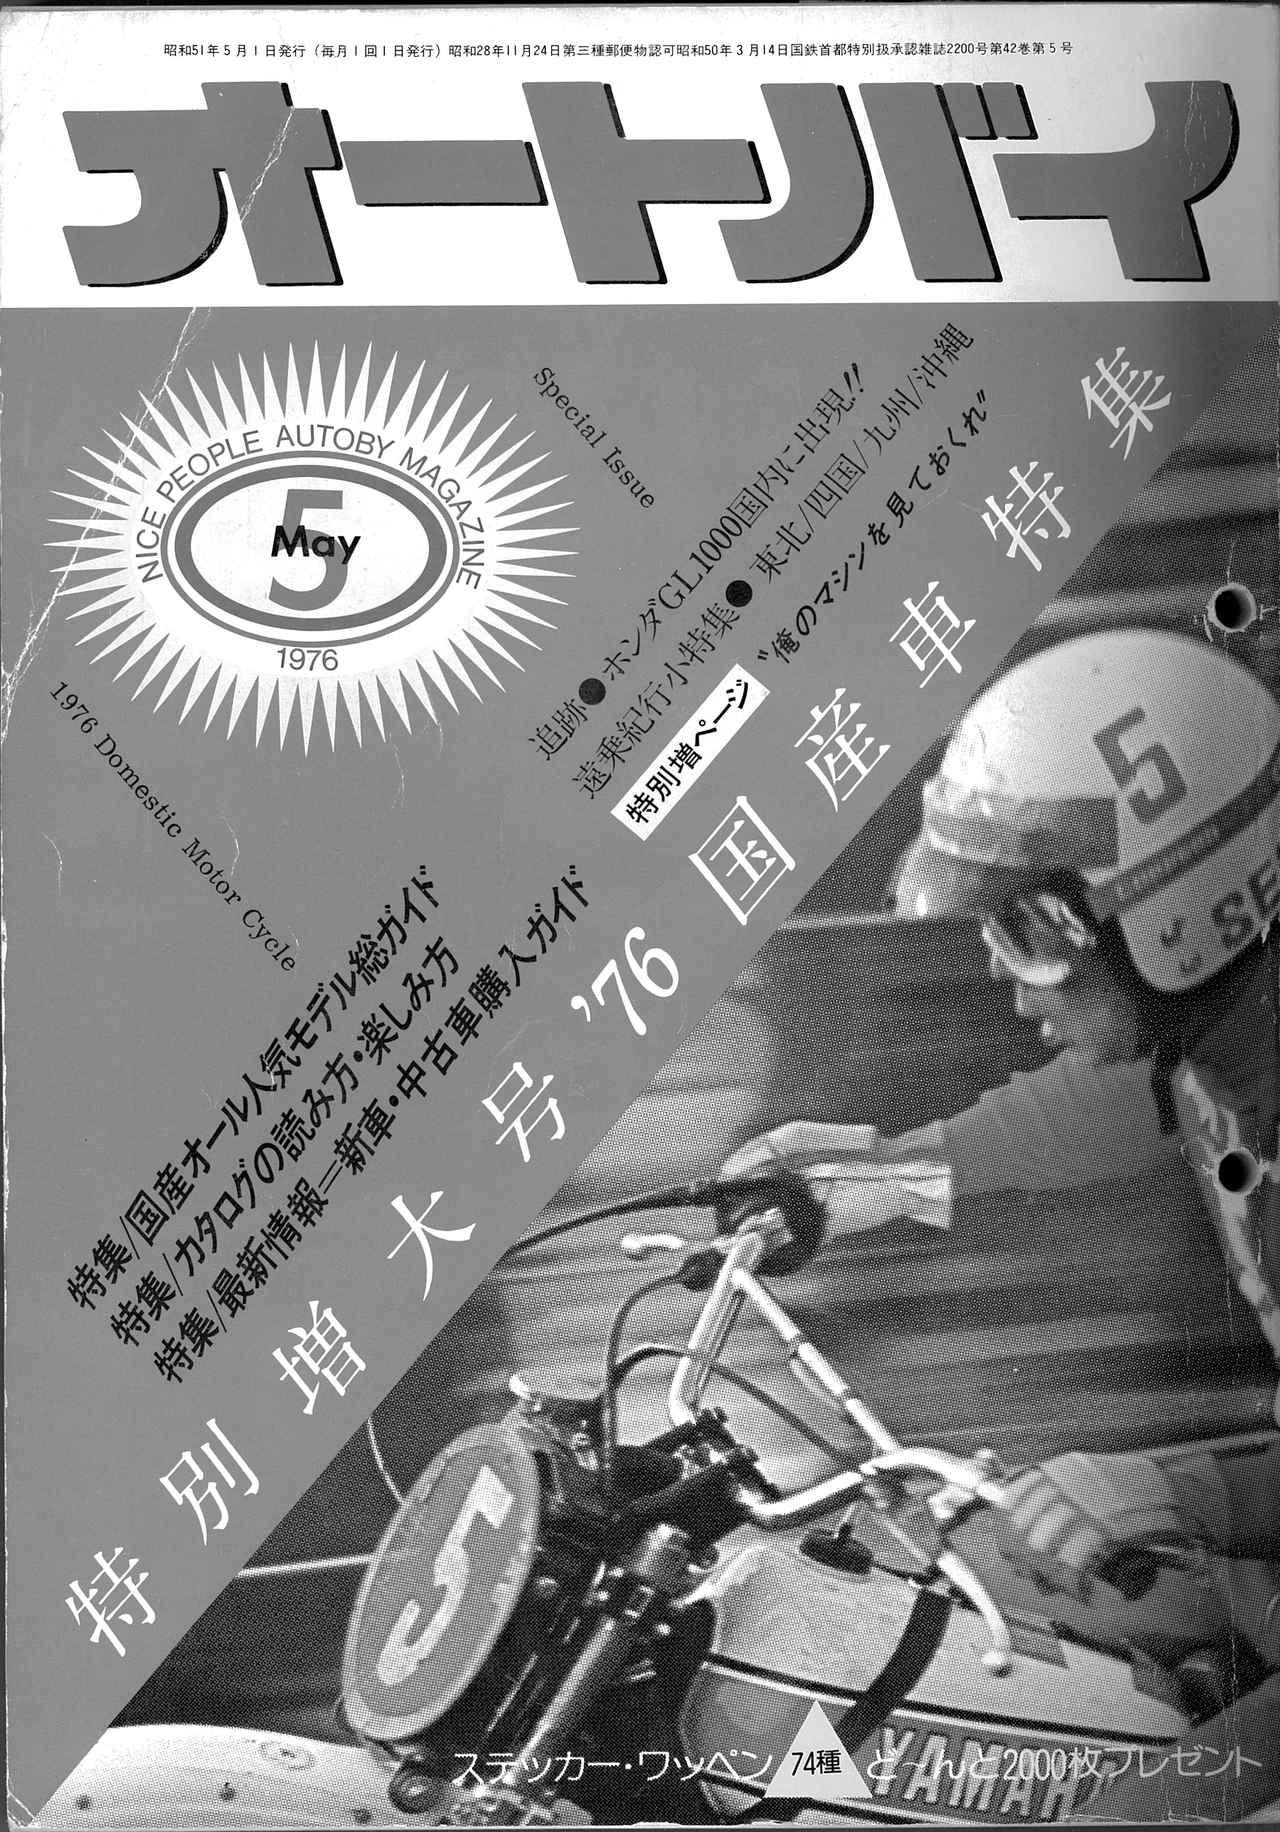 画像: 当時、記事が掲載されたオートバイ1976年5月号。表紙には、主要特集タイトルが並ぶ中、「追跡●ホンダGL1000国内に出現!!」の文字が。表紙に掲載するところからも貴重な内容であったことがわかる。